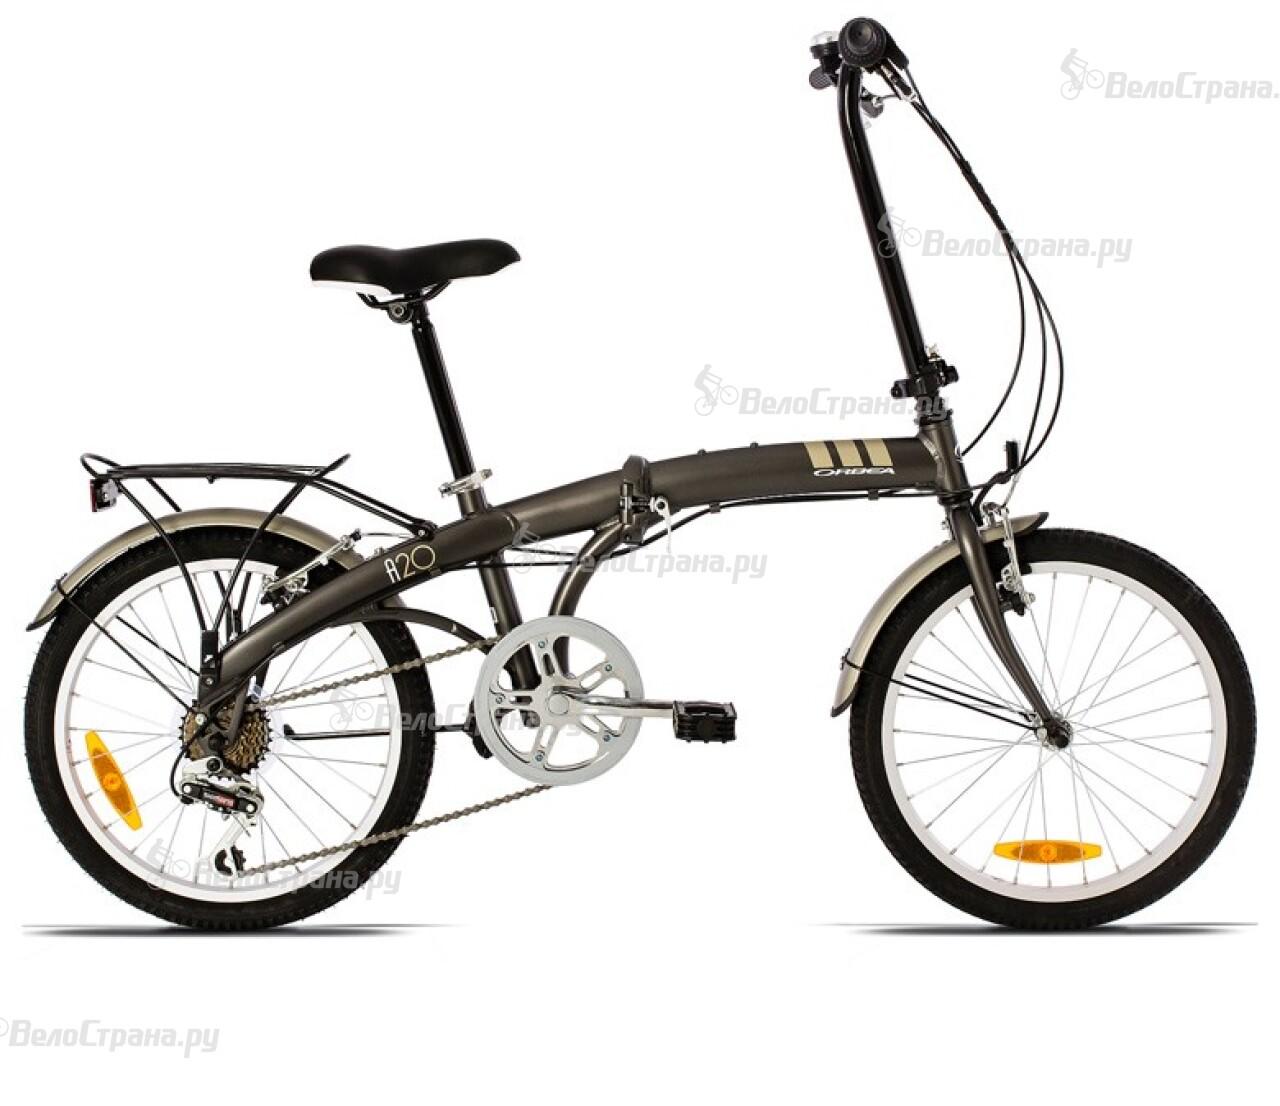 Велосипед Orbea Folding A20 (2013)  цена